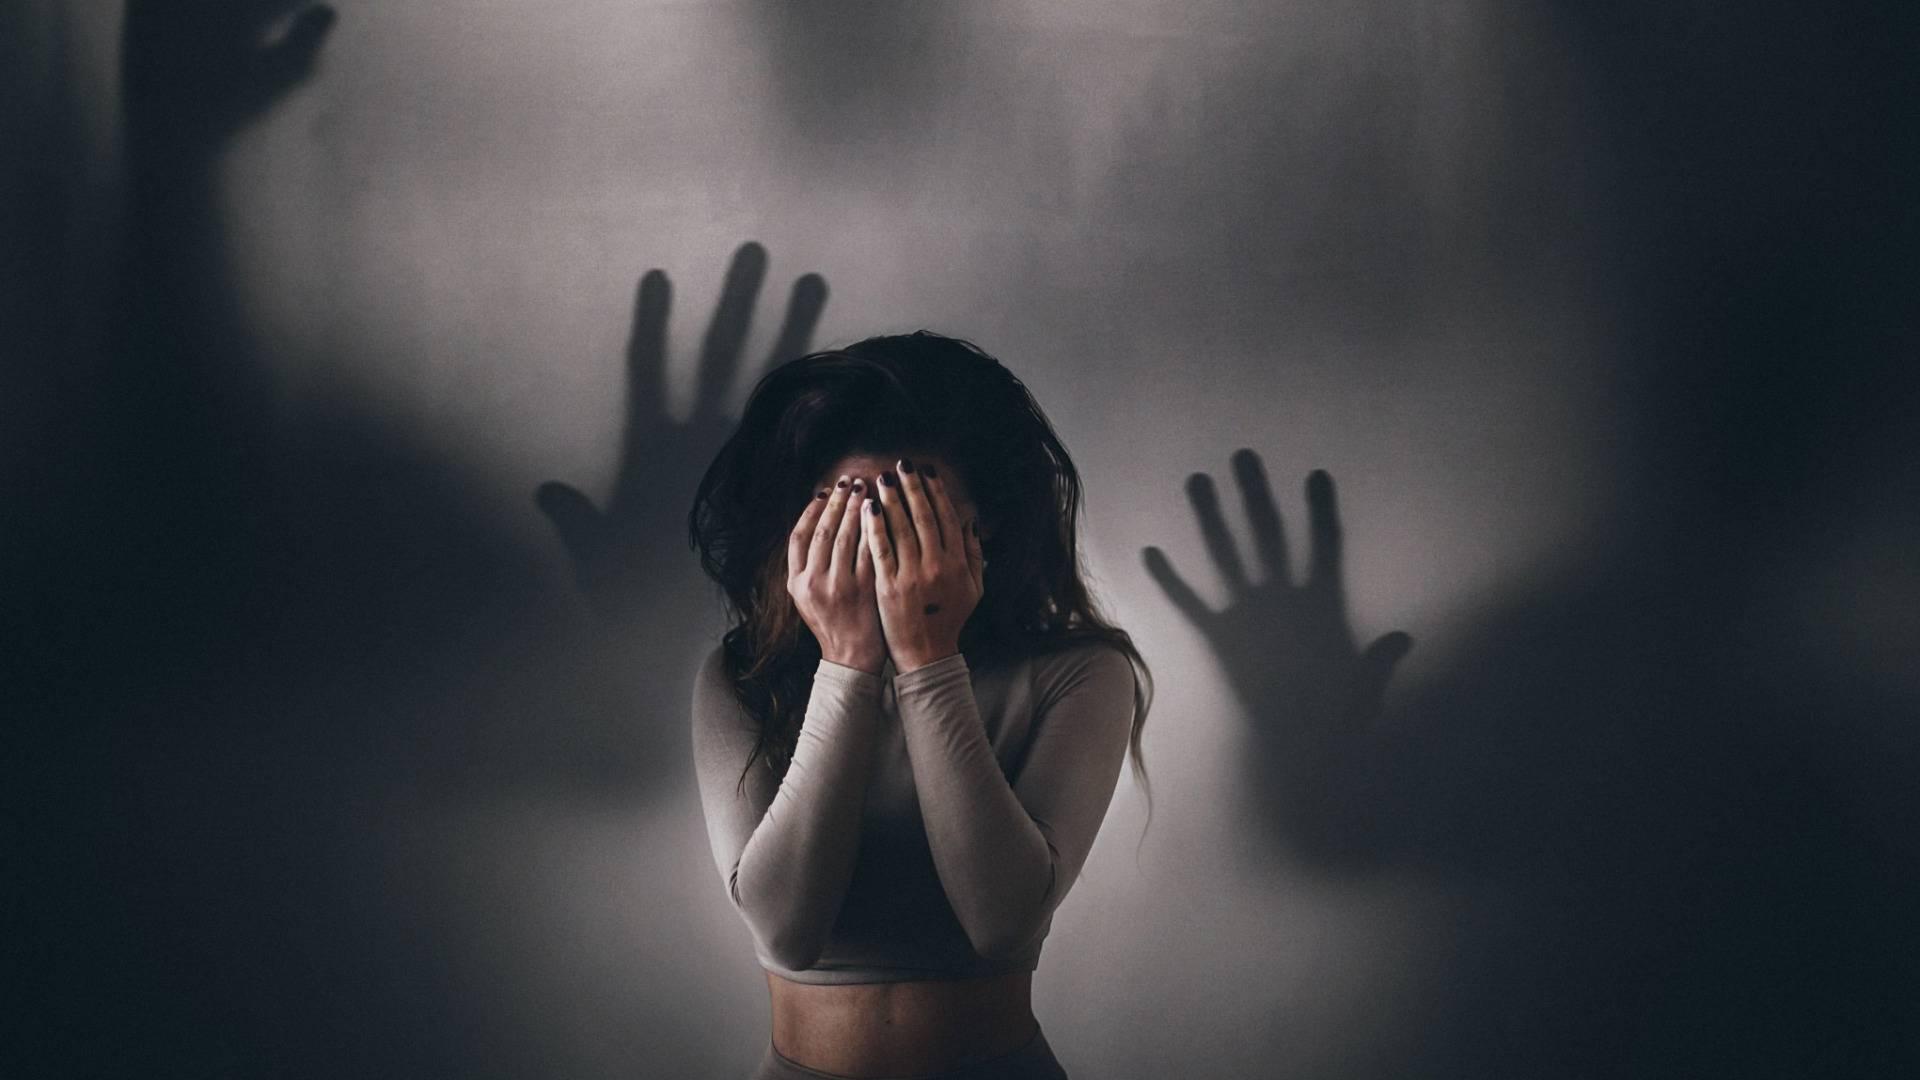 Как бороться со страхом и фобиями внутри себя, как убрать тревогу из подсознания